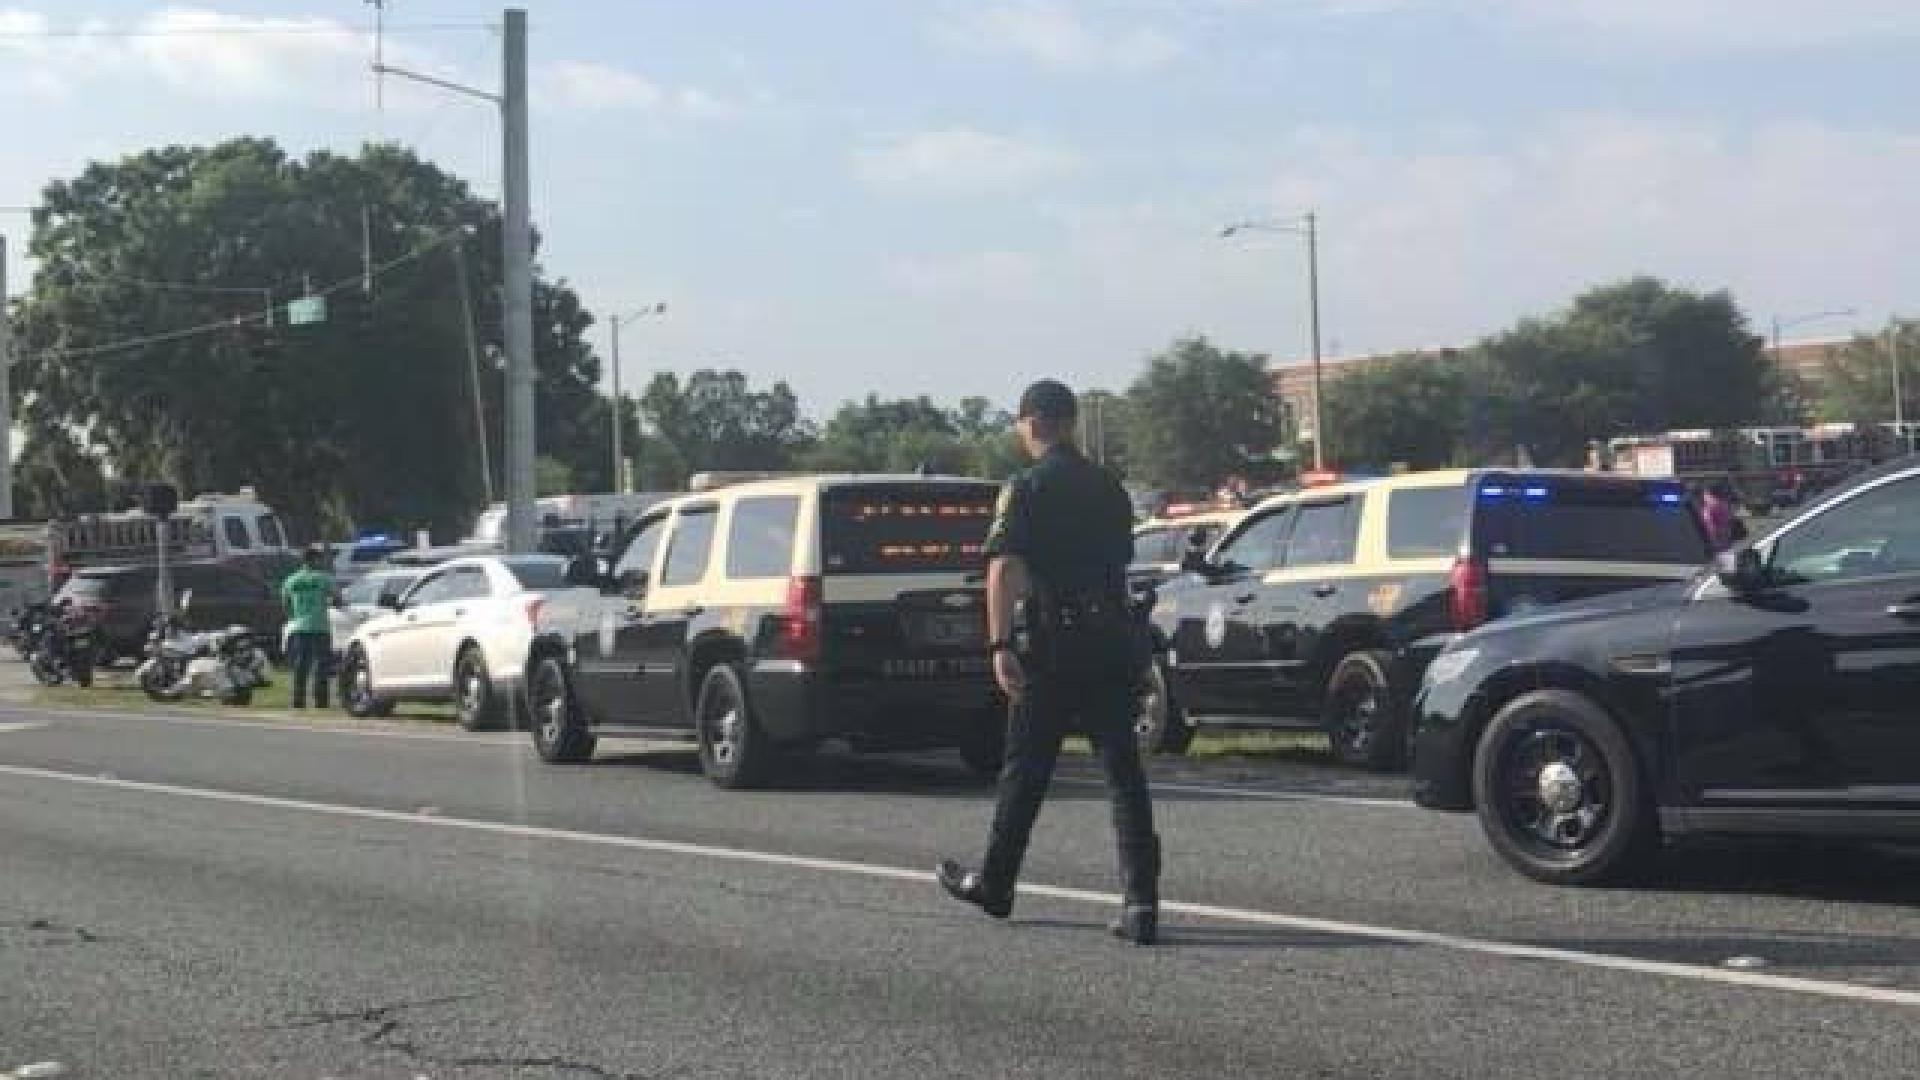 Tiroteio em protesto por controle de armas deixa aluno ferido na Flórida